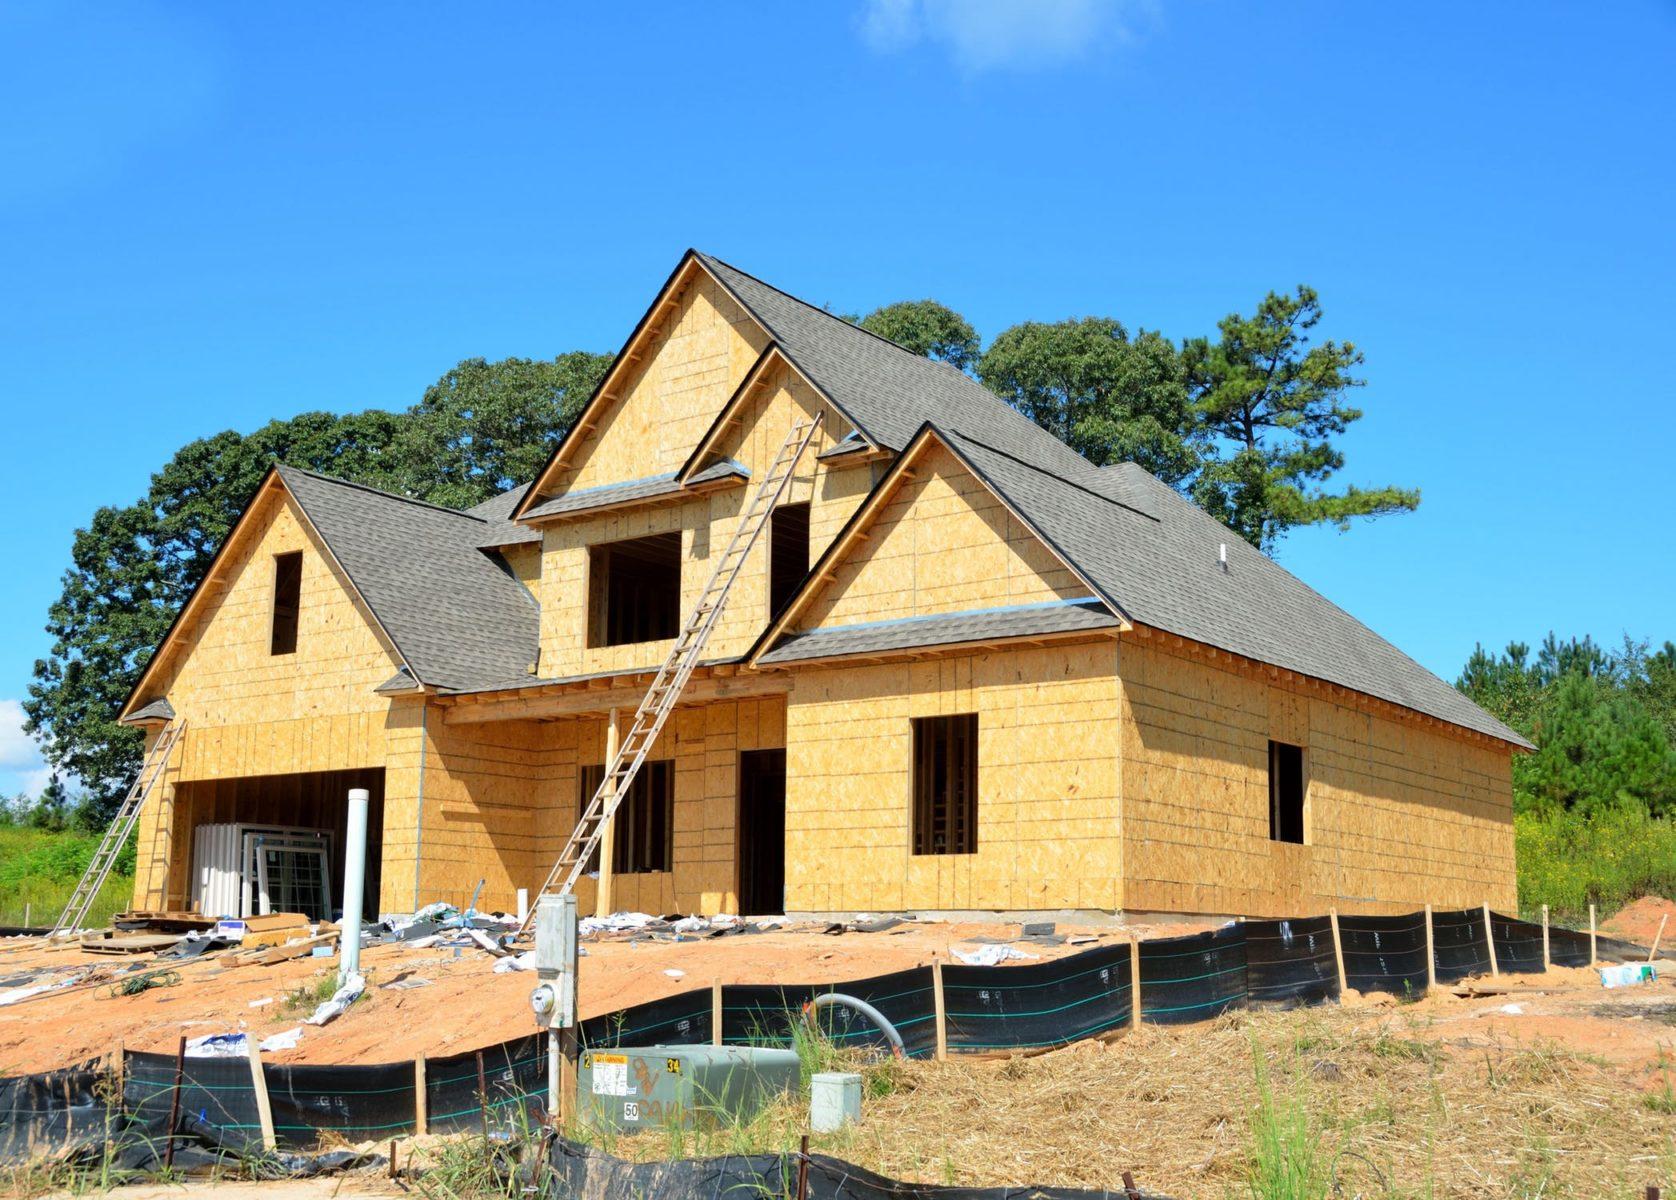 ¿Quien no ha soñado alguna vez con construir su casa en esa maravillosa finca, dejándola exactamente como nos gustaría, con todos esos detalles que nos encantaría tener en nuestro hogar?